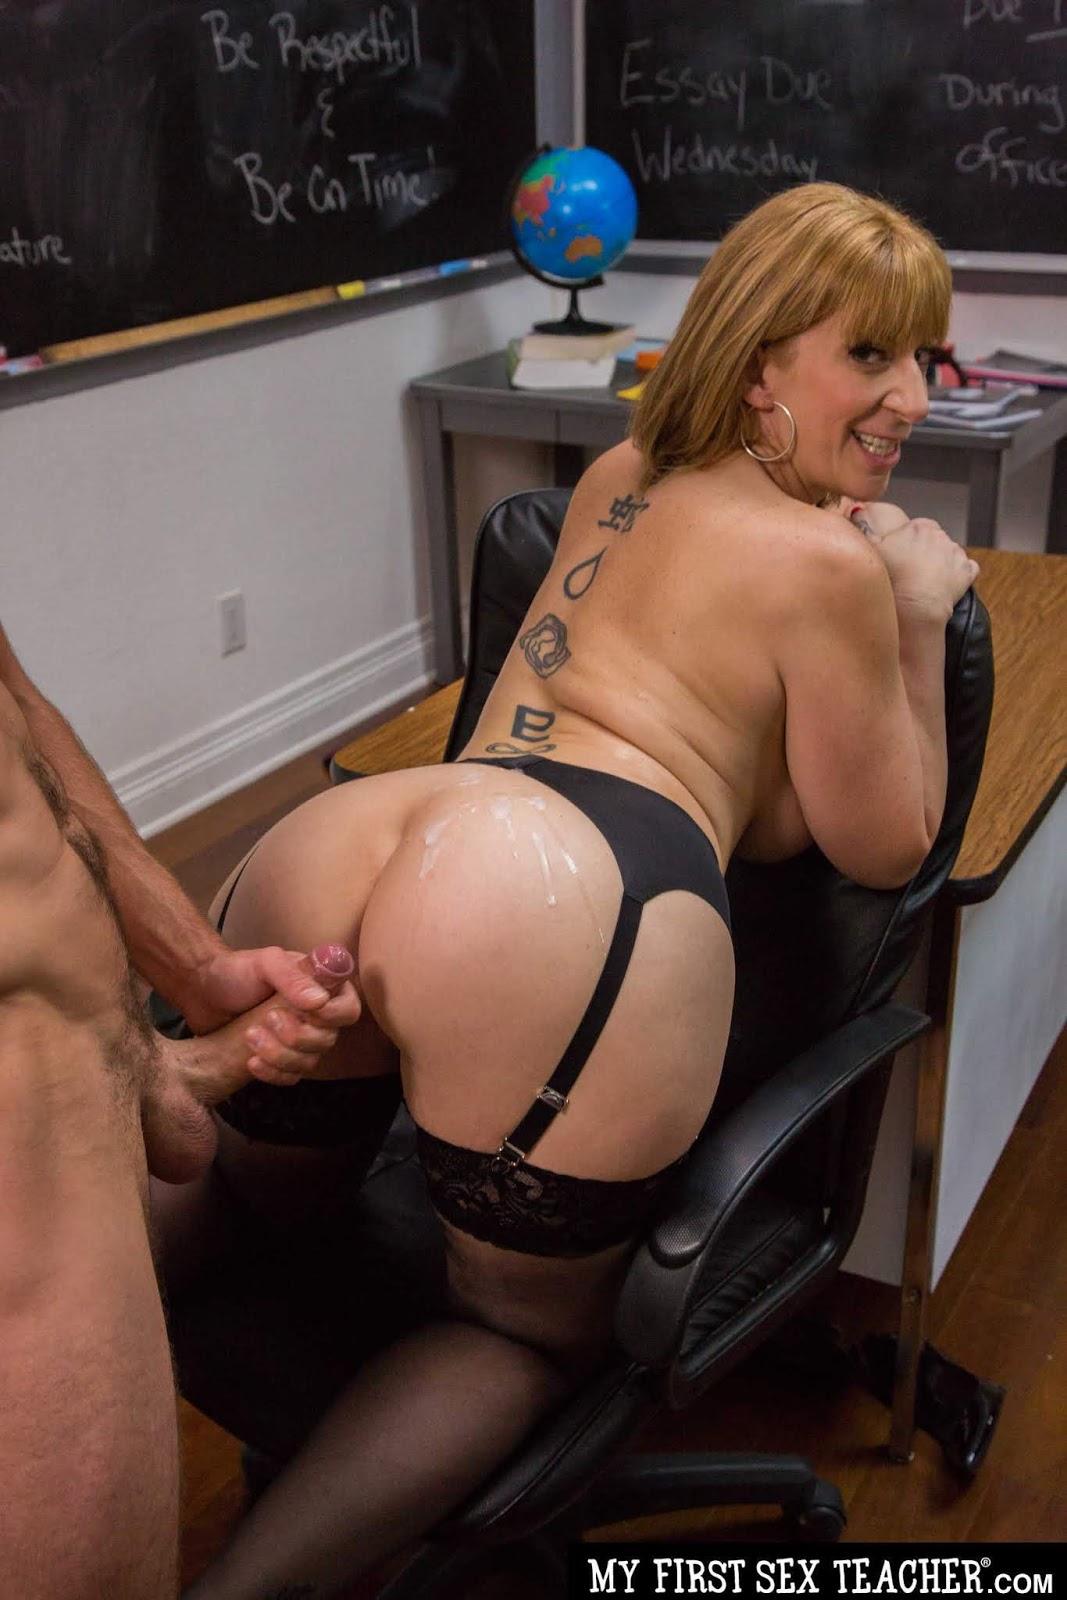 Free sex teacher